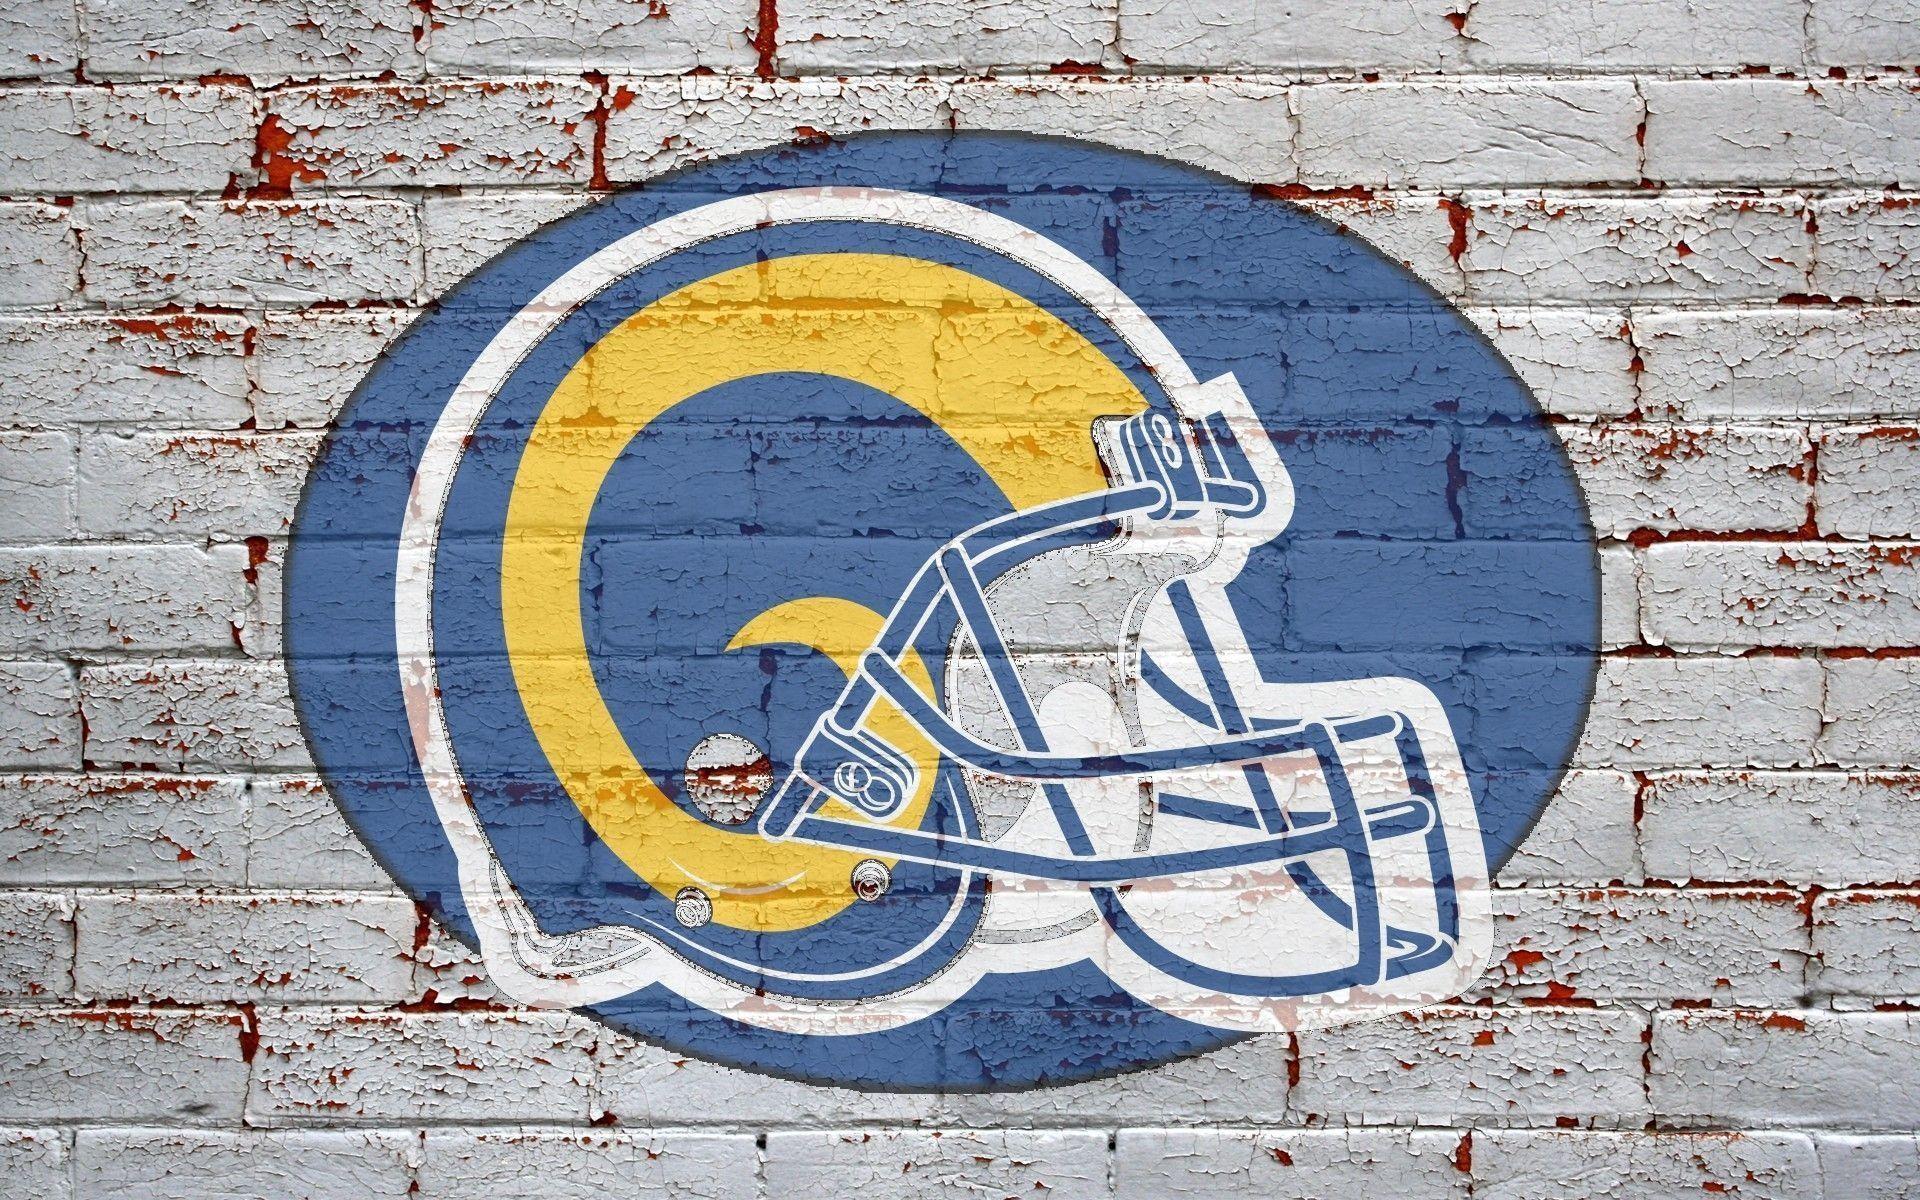 St Louis Rams wallpaper – 1002223